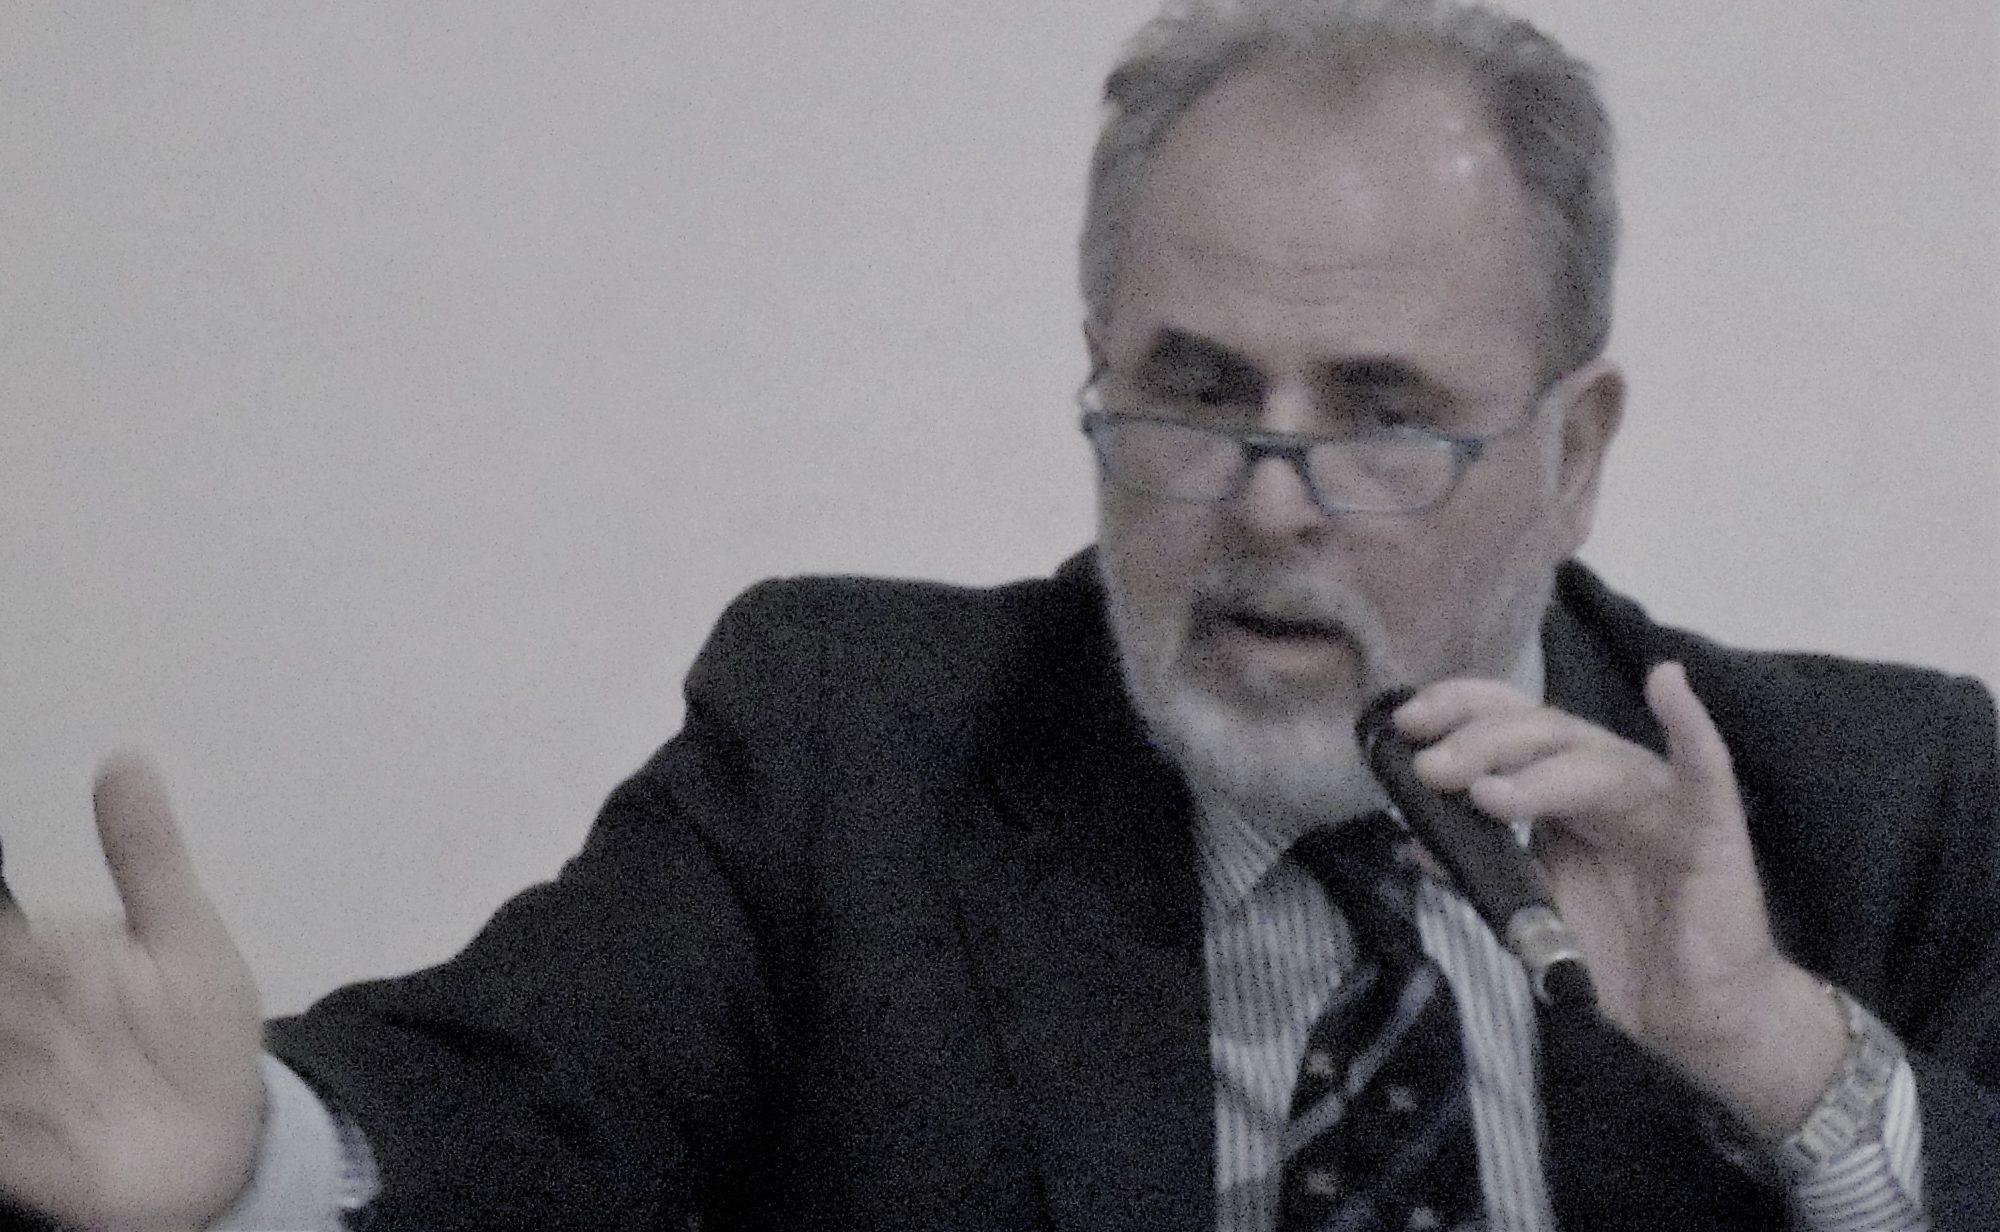 Bracciano: parzialmente accolto l'appello di Giuliano Sala per la vicenda Rainews 24